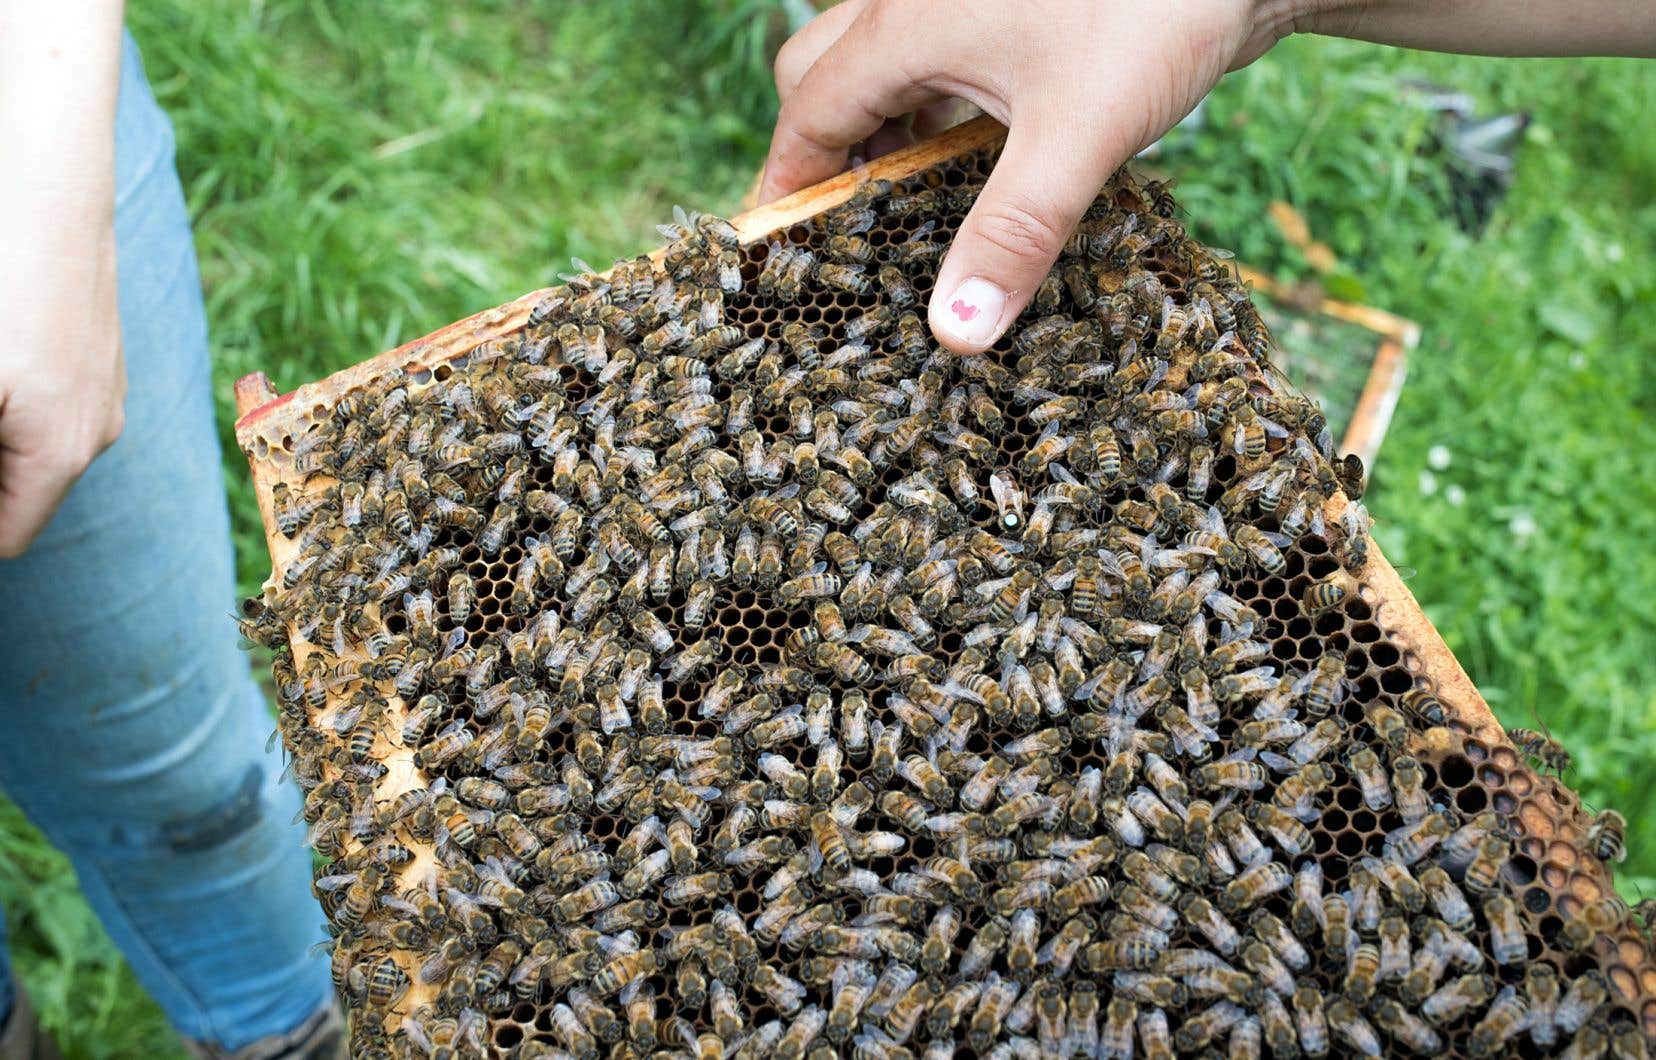 L'imidaclopride, un insecticide de la famille des néonics, peut être néfaste pour les insectes bénéfiques, comme les abeilles.